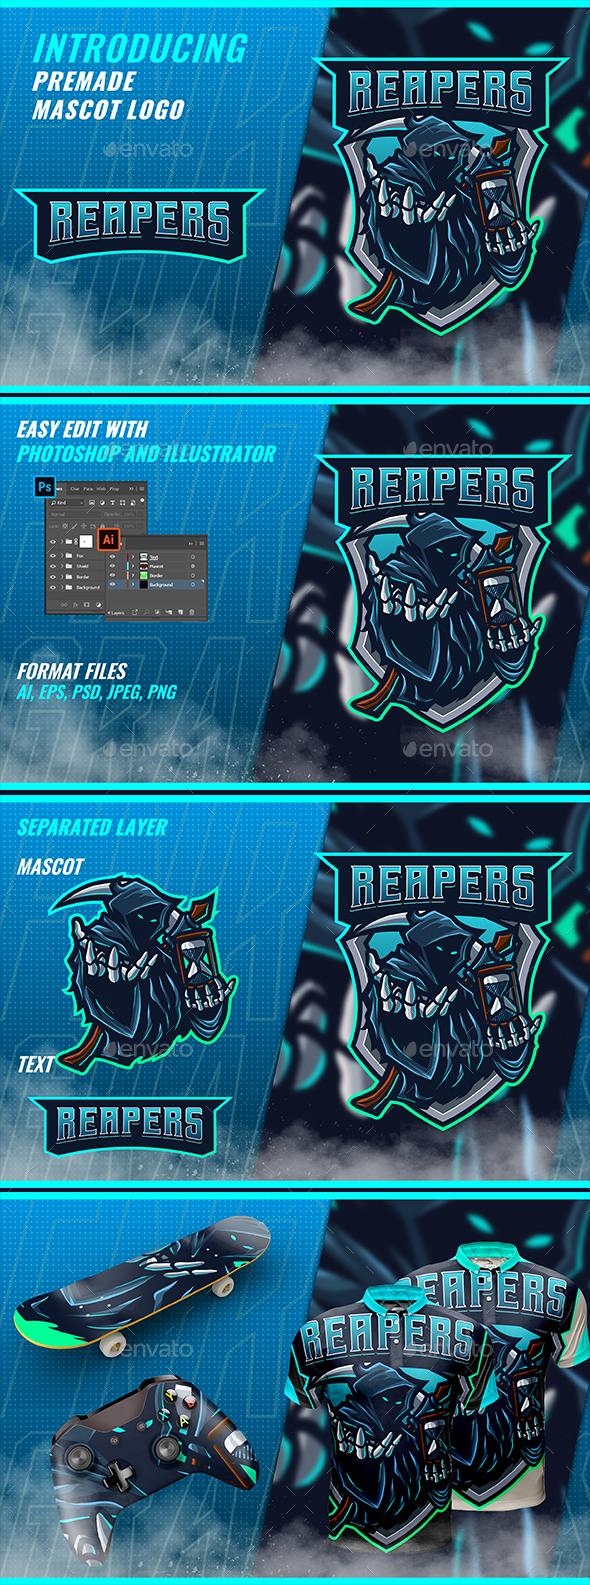 Blue Reaper - Mascot & Esport Logo